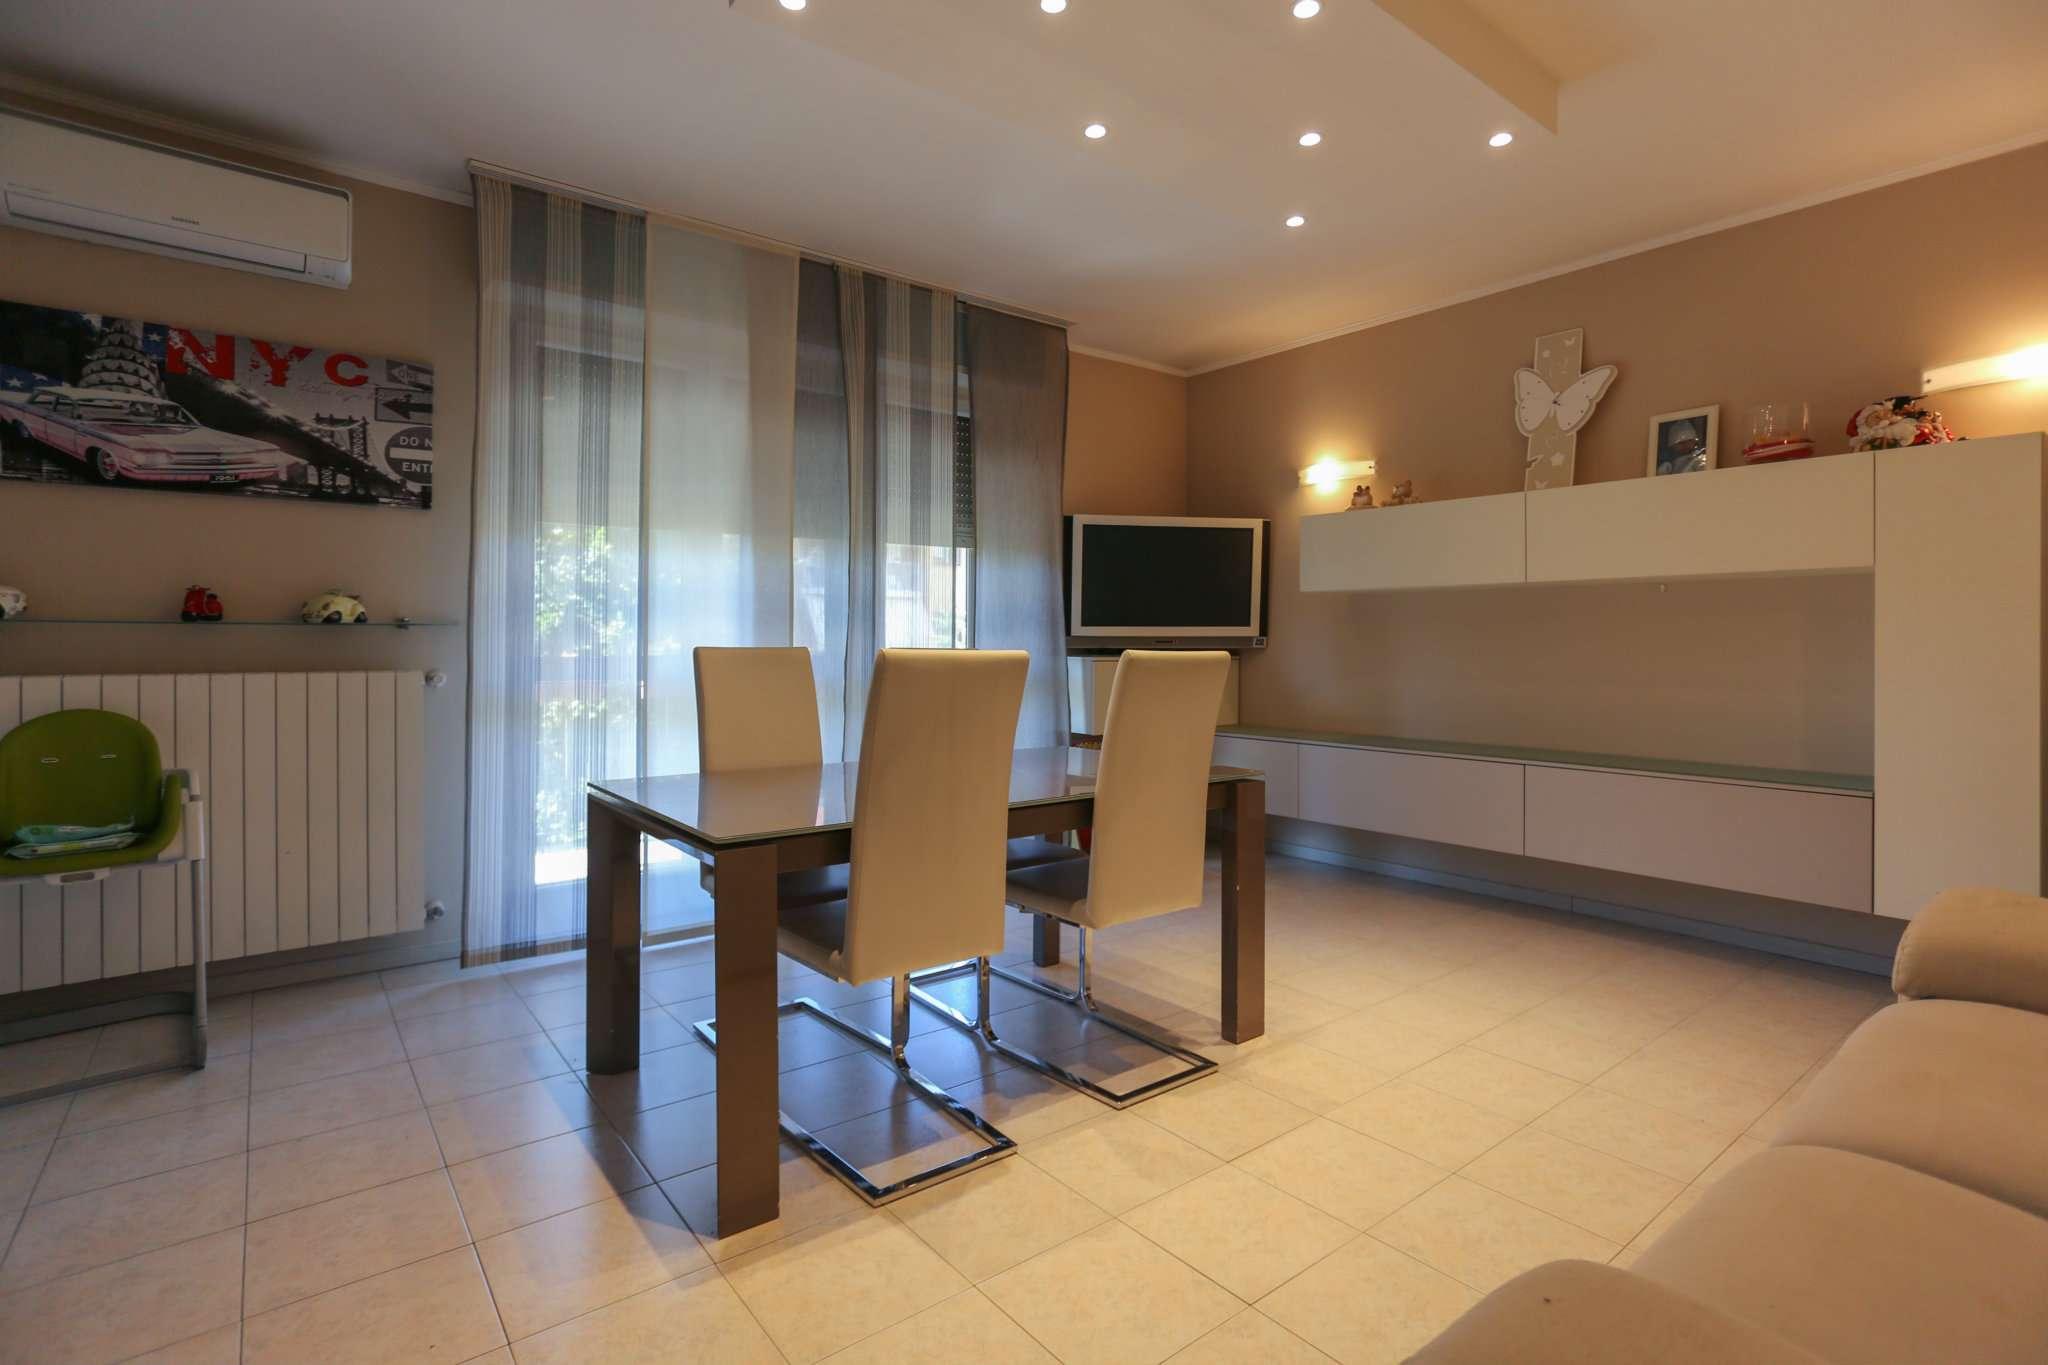 Appartamento in vendita a Cislago, 3 locali, prezzo € 150.000 | CambioCasa.it